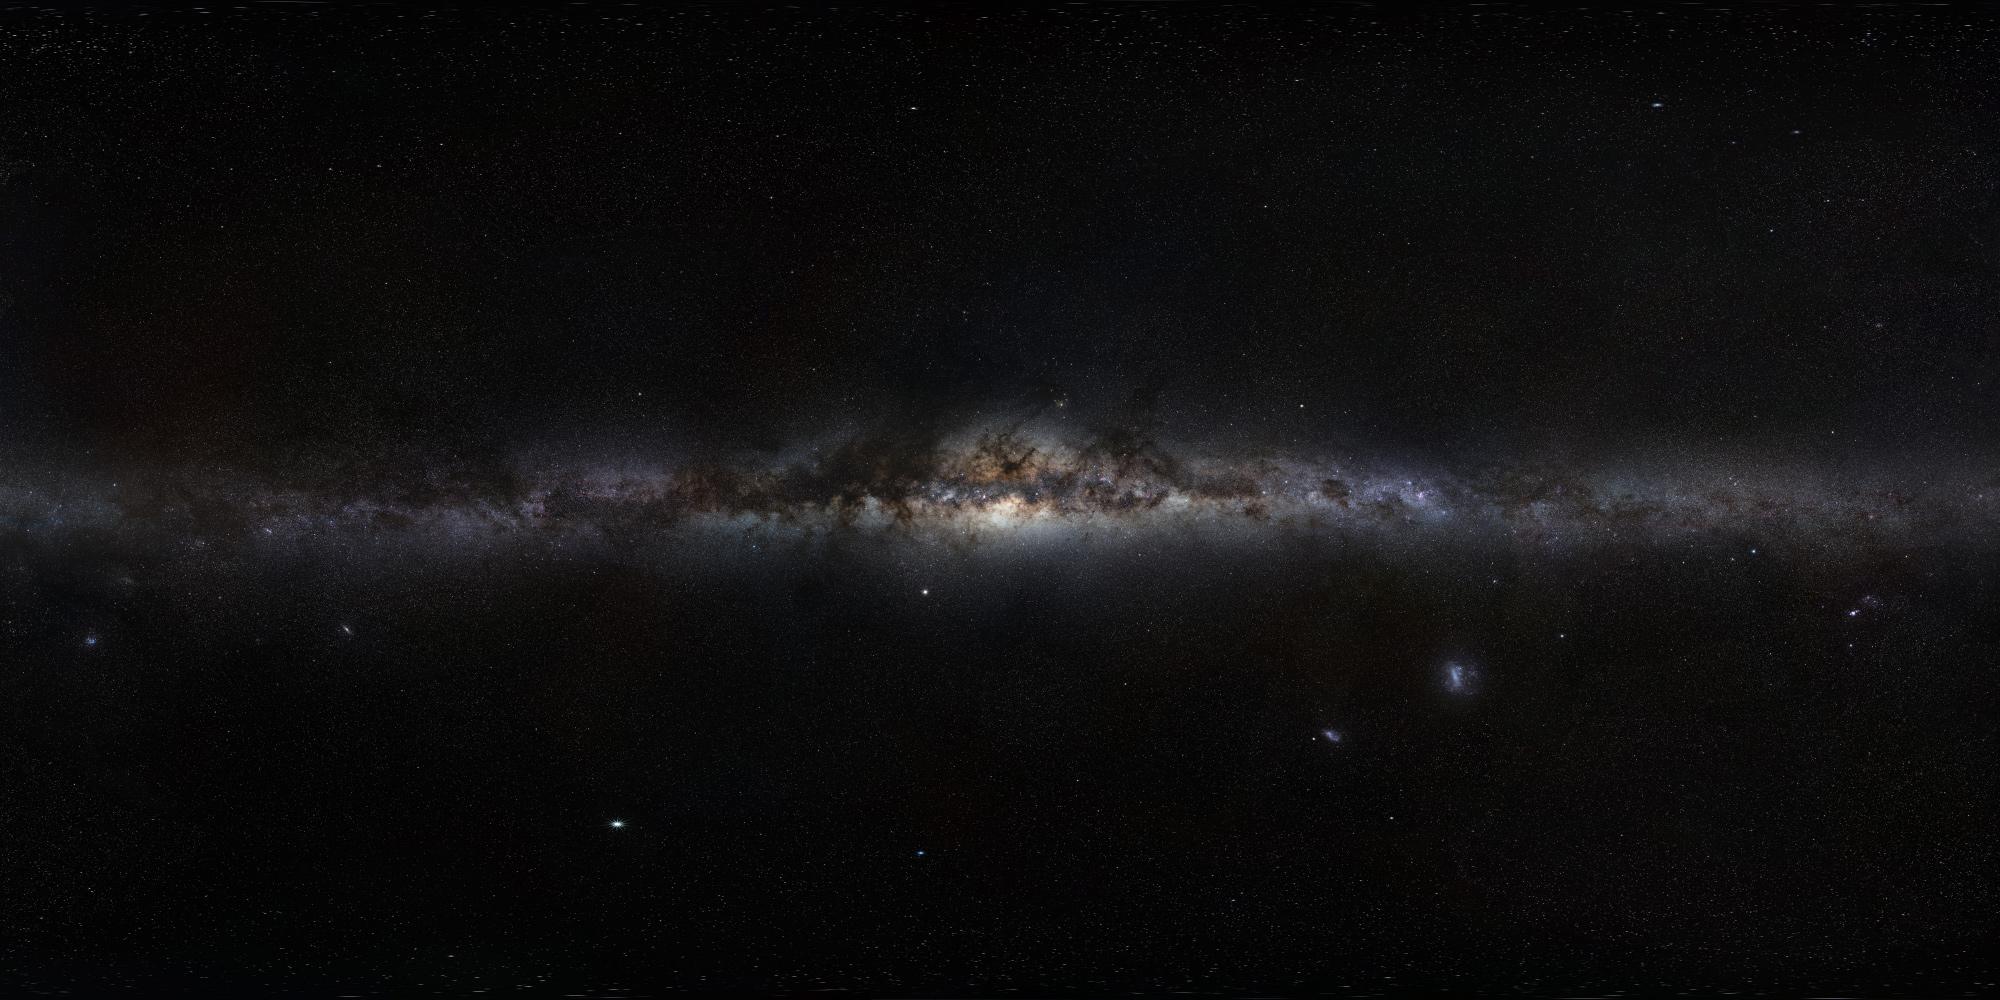 360-stopniowa panorama pokrywająca całe niebo południowej ipółnocnej sfery niebieskiej zwyraźnie widoczną wcałości